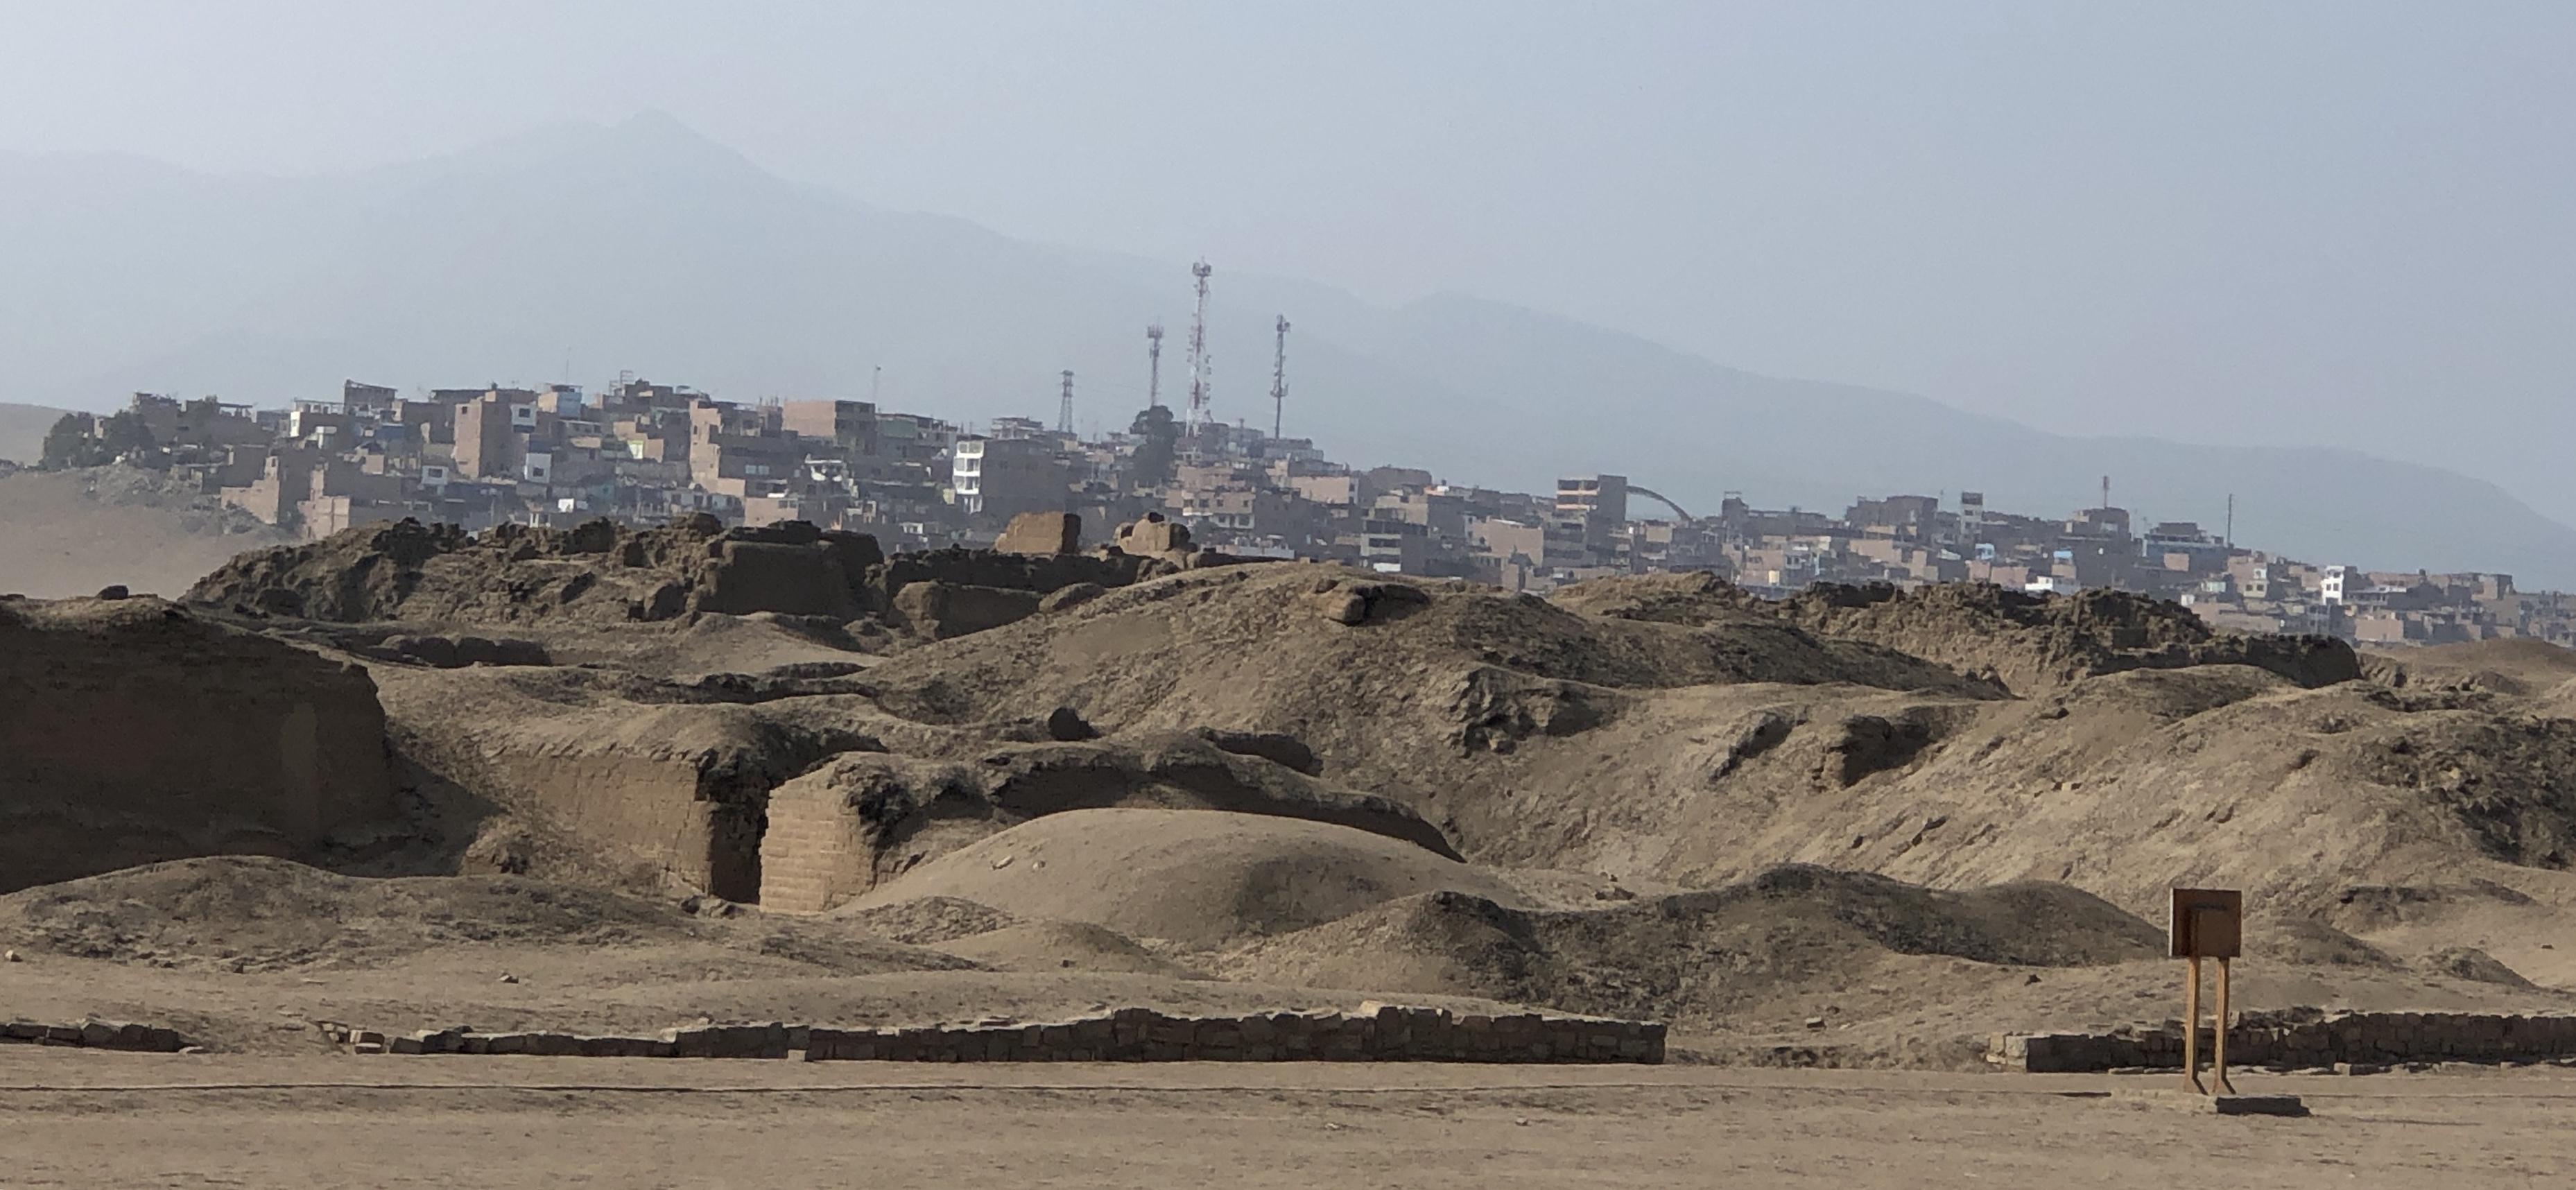 pachacamac ruins close to the city